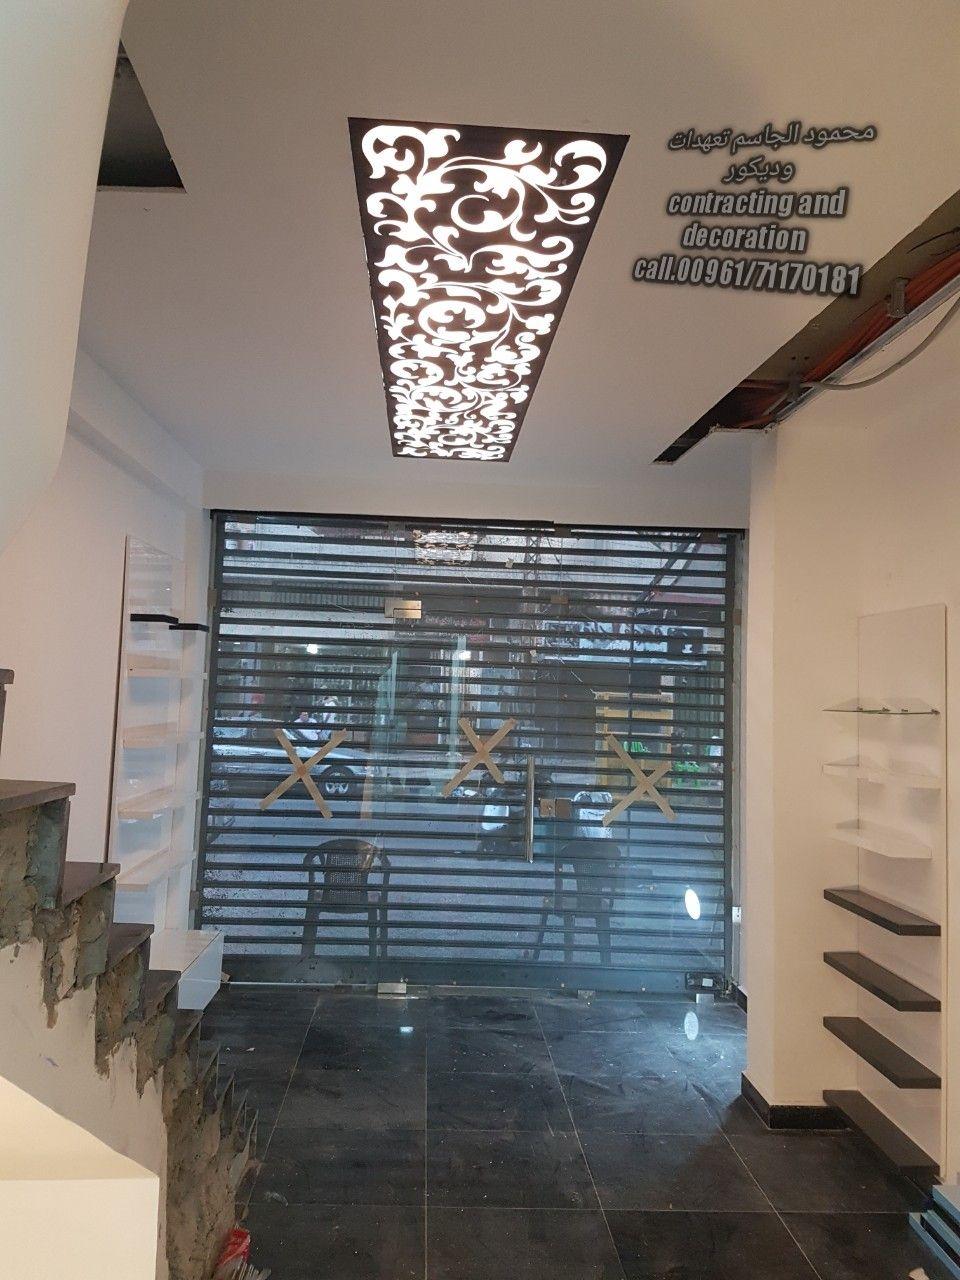 اسرع تنفيذ ديكور داخلي للتواصل 0096171170181 في لبنان محمود الجاسم للتعهدات والديكور والصيانة العامة رقم شركة تنفيذ ديكور محلات منازل شق Decor Home Decor Home